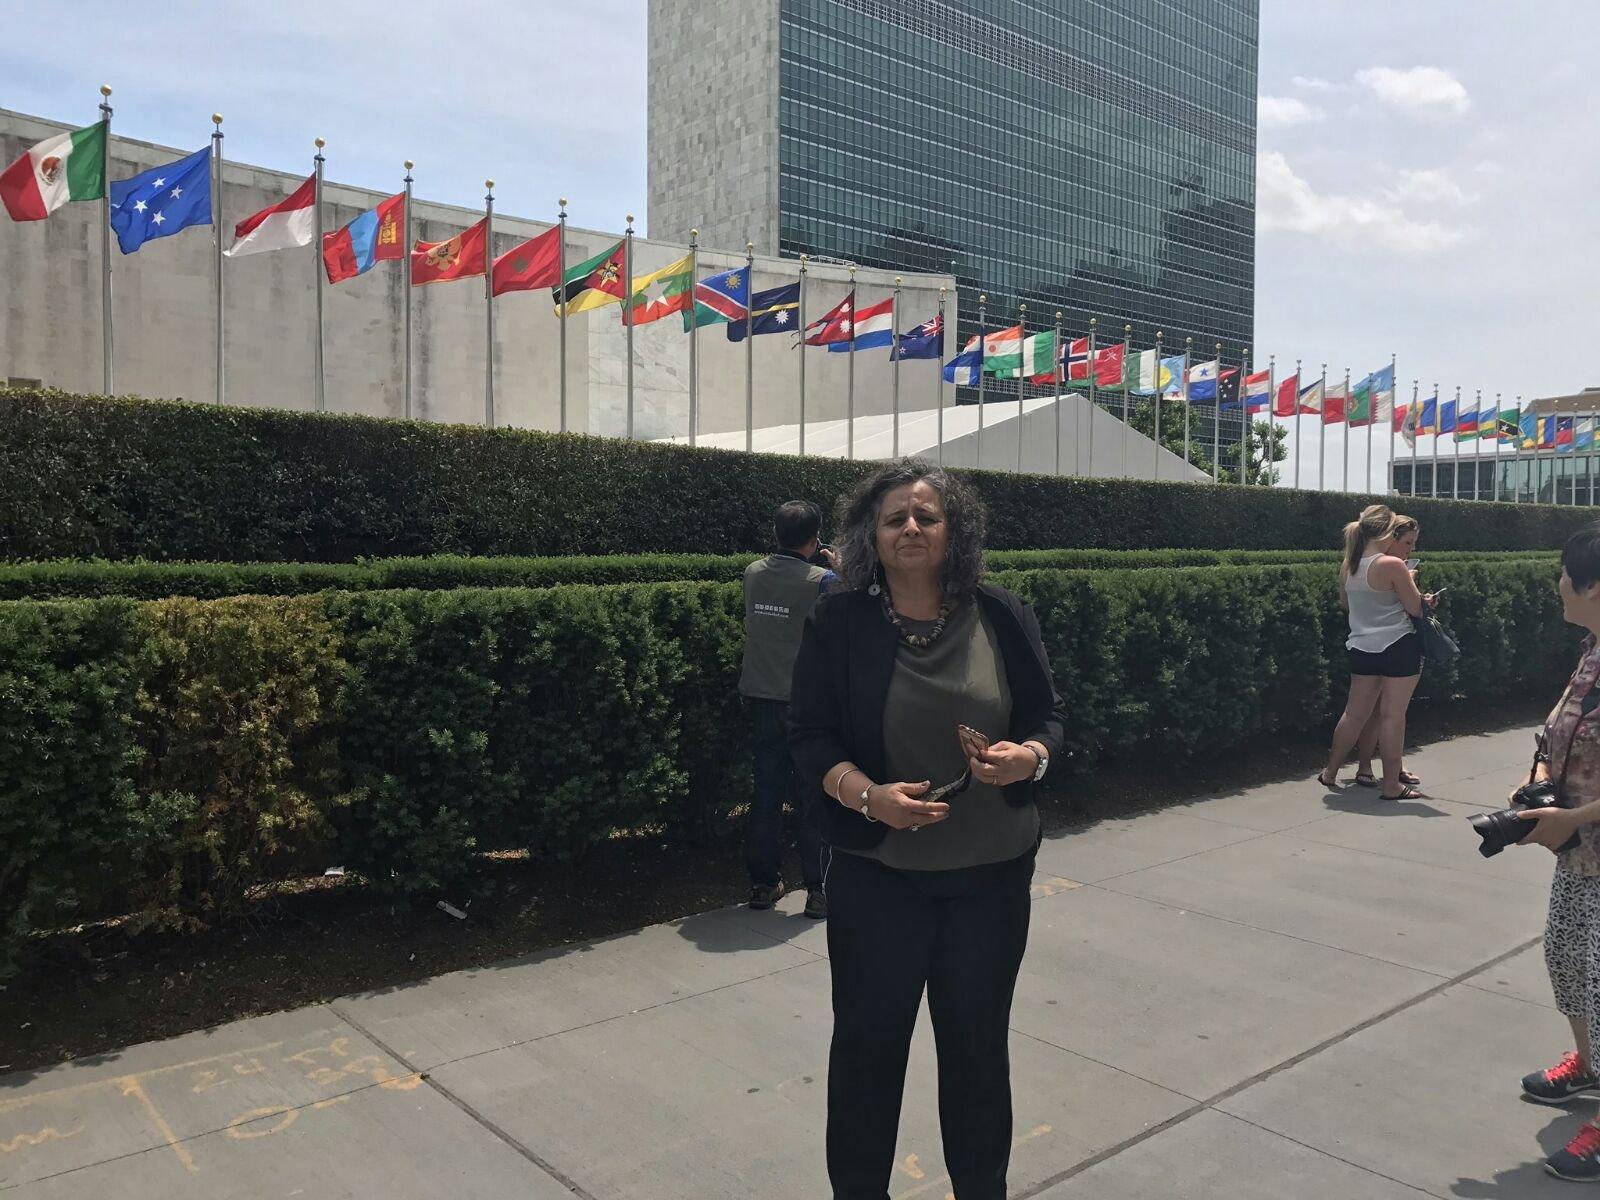 النائبة توما-سليمان تشارك في مؤتمر 50 عامًا على الاحتلال في الأمم المتحدة